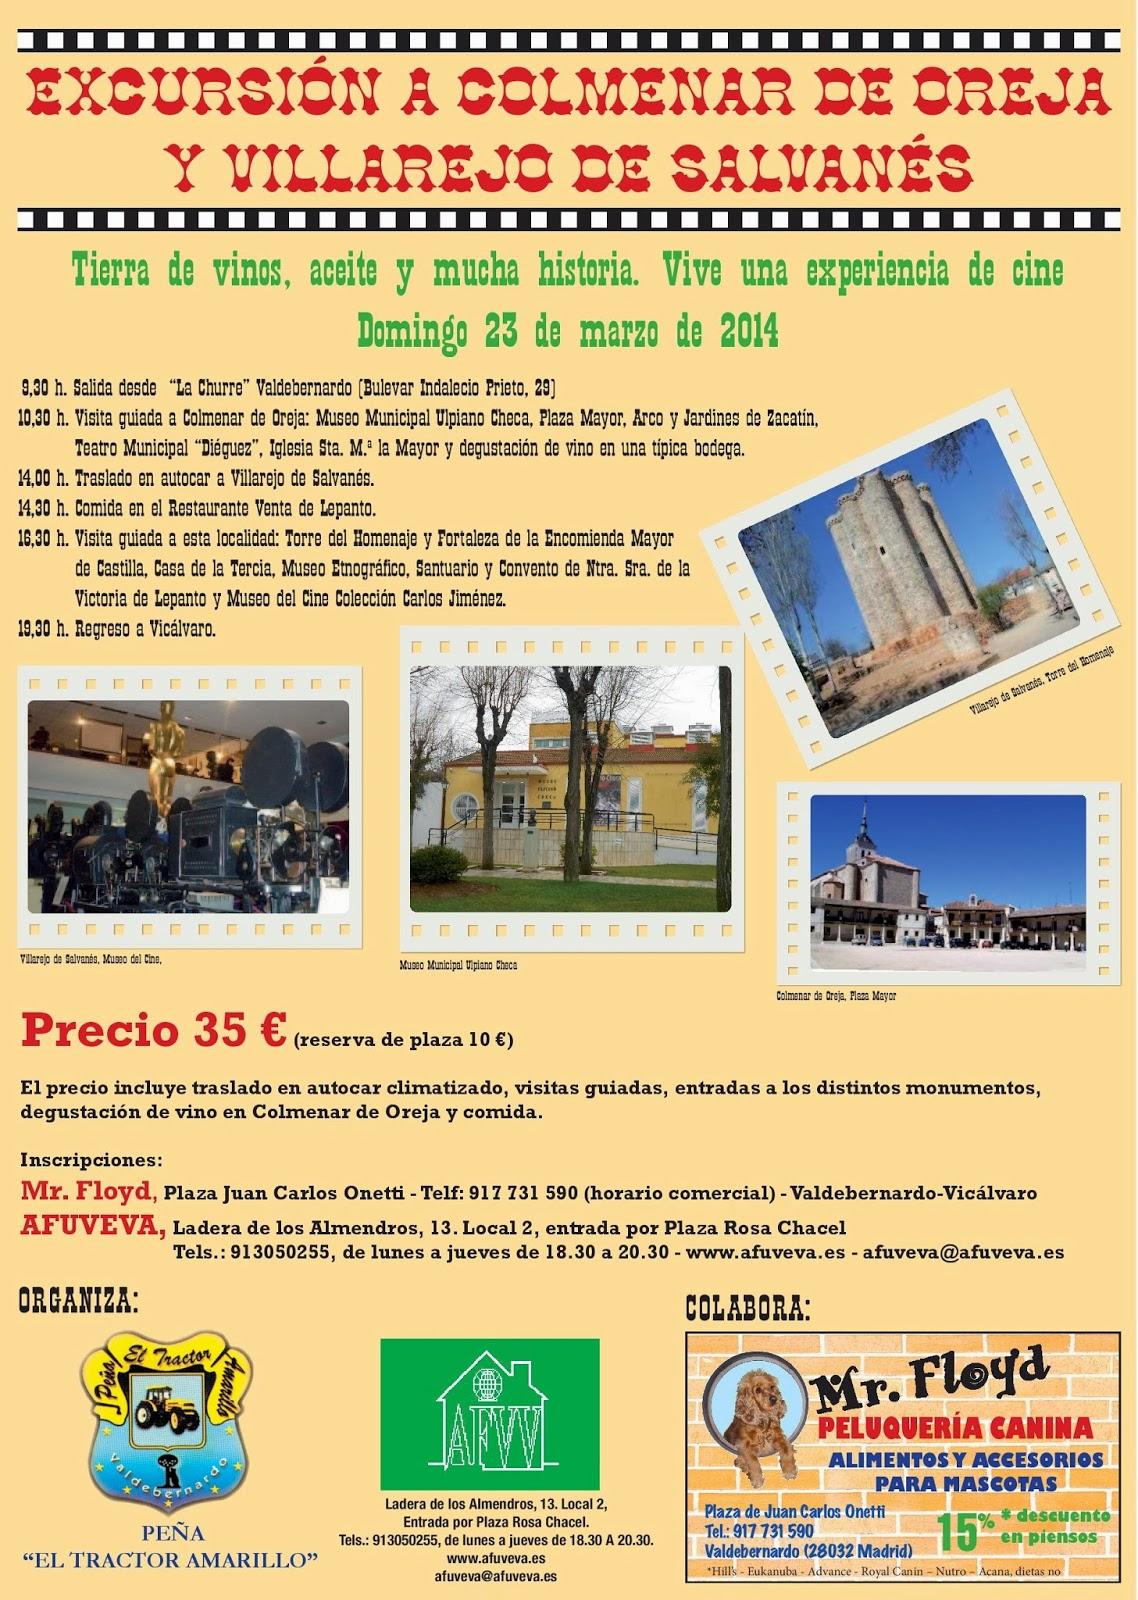 Excursión al Sureste de Madrid, el Tractor Amarillo, 23.03.14